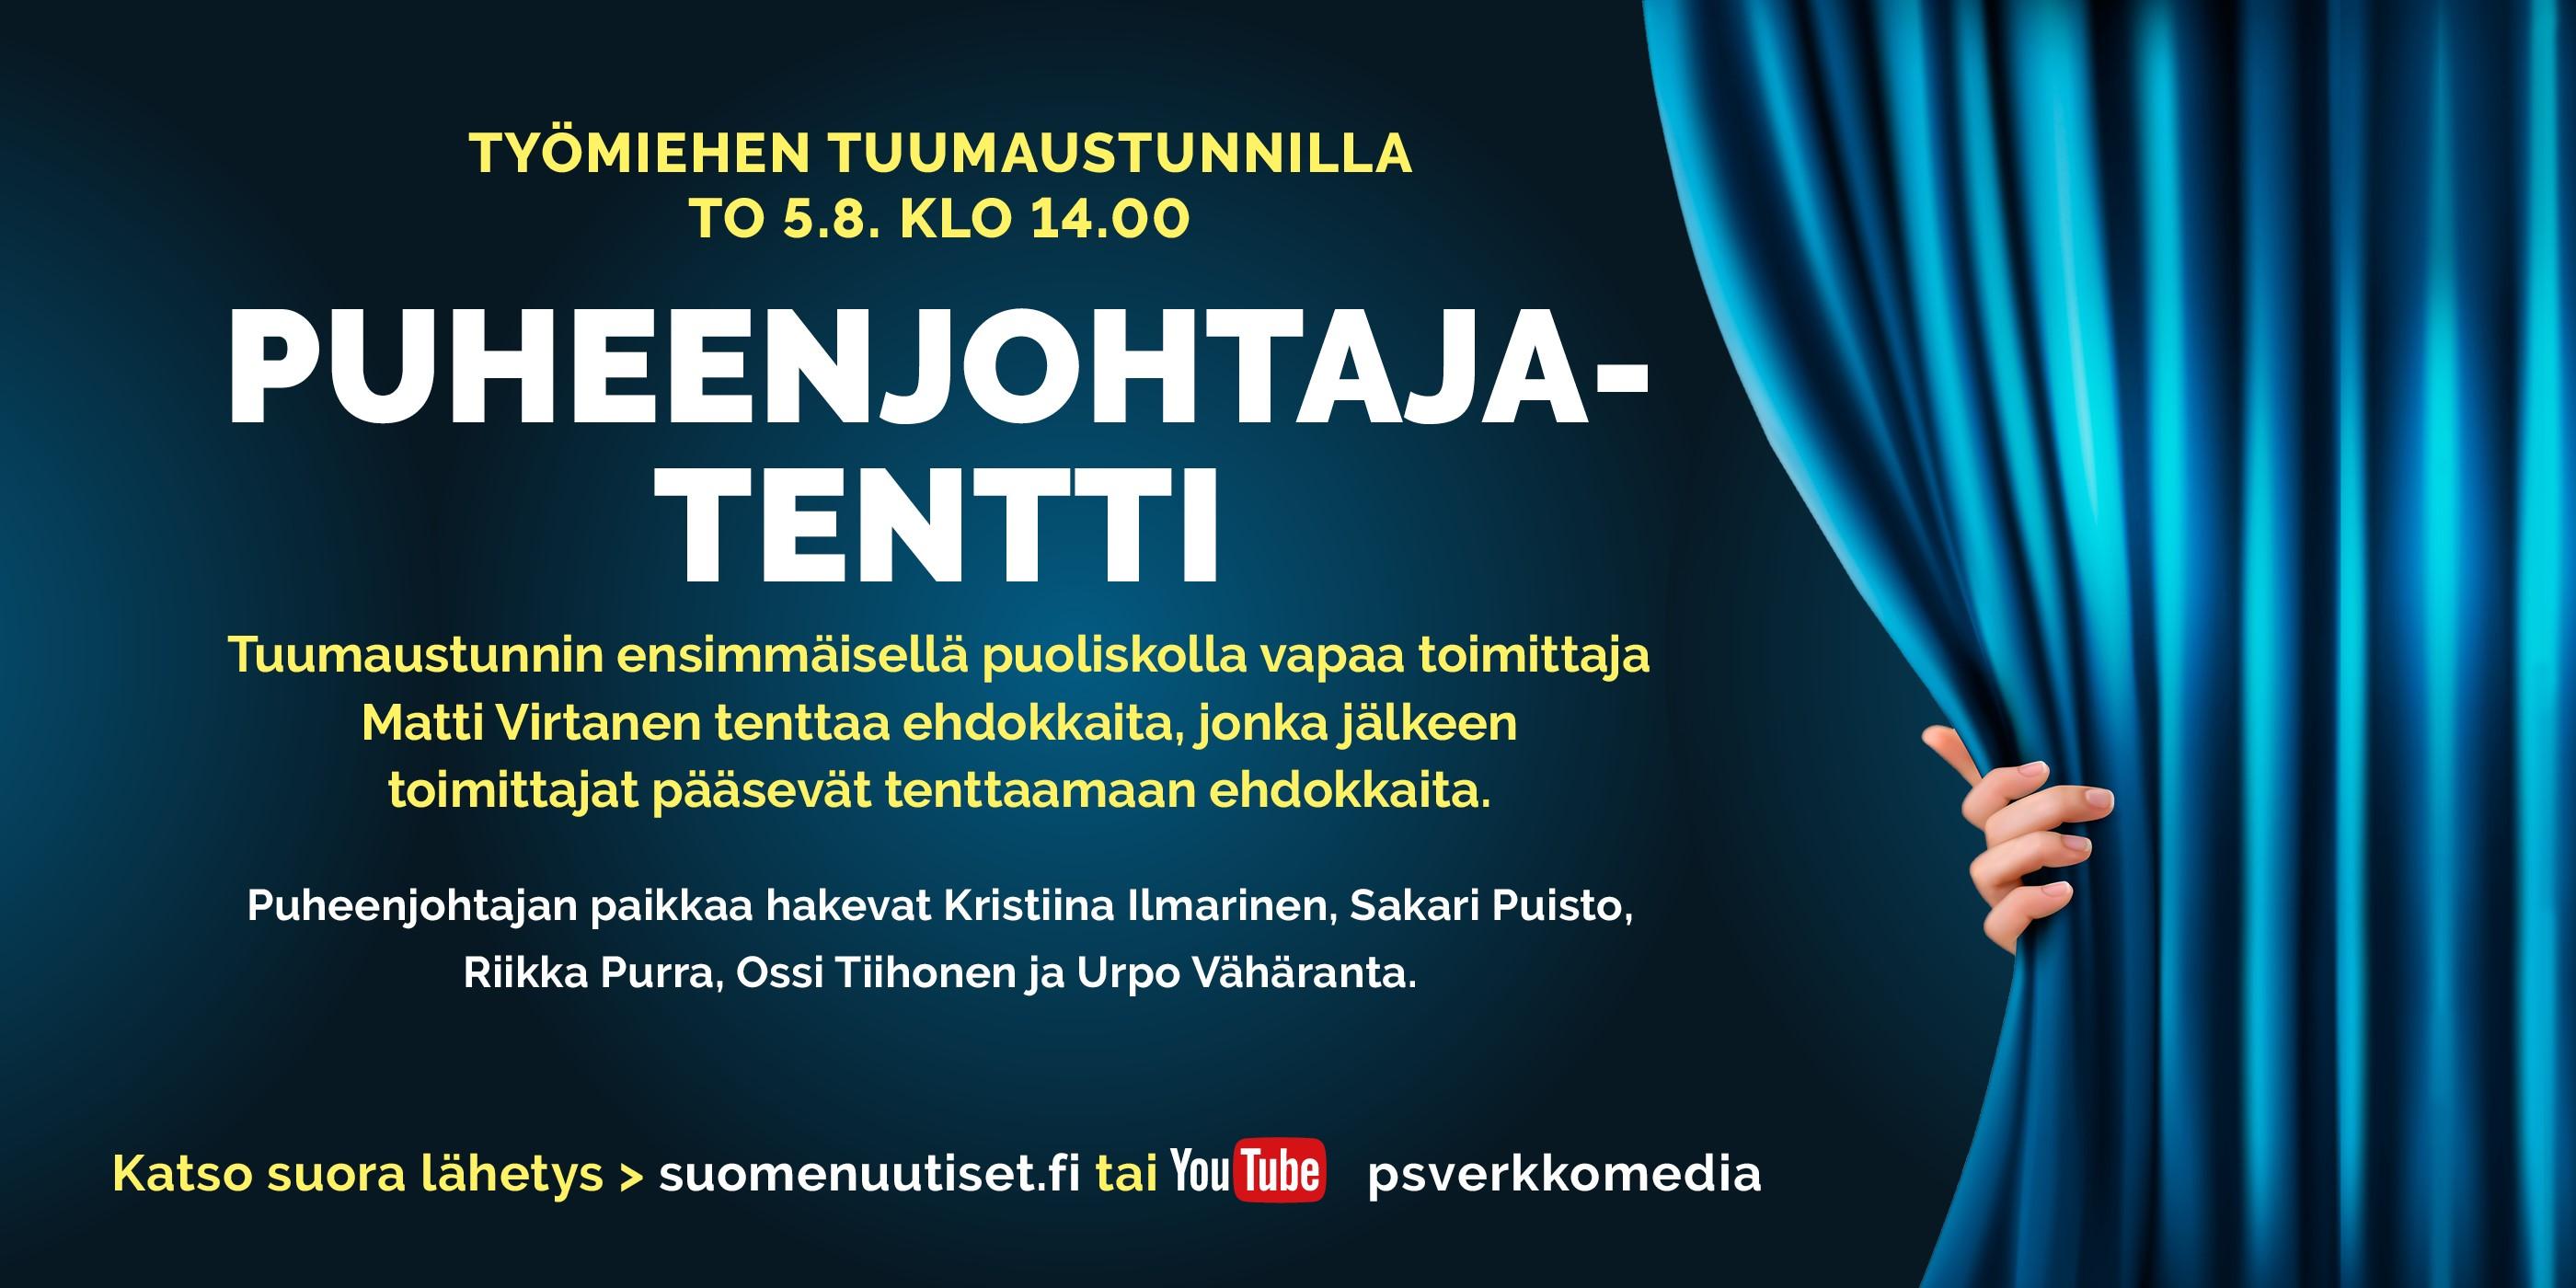 Torstain Tuumaustunnilla: Perussuomalaisten puheenjohtajatentti